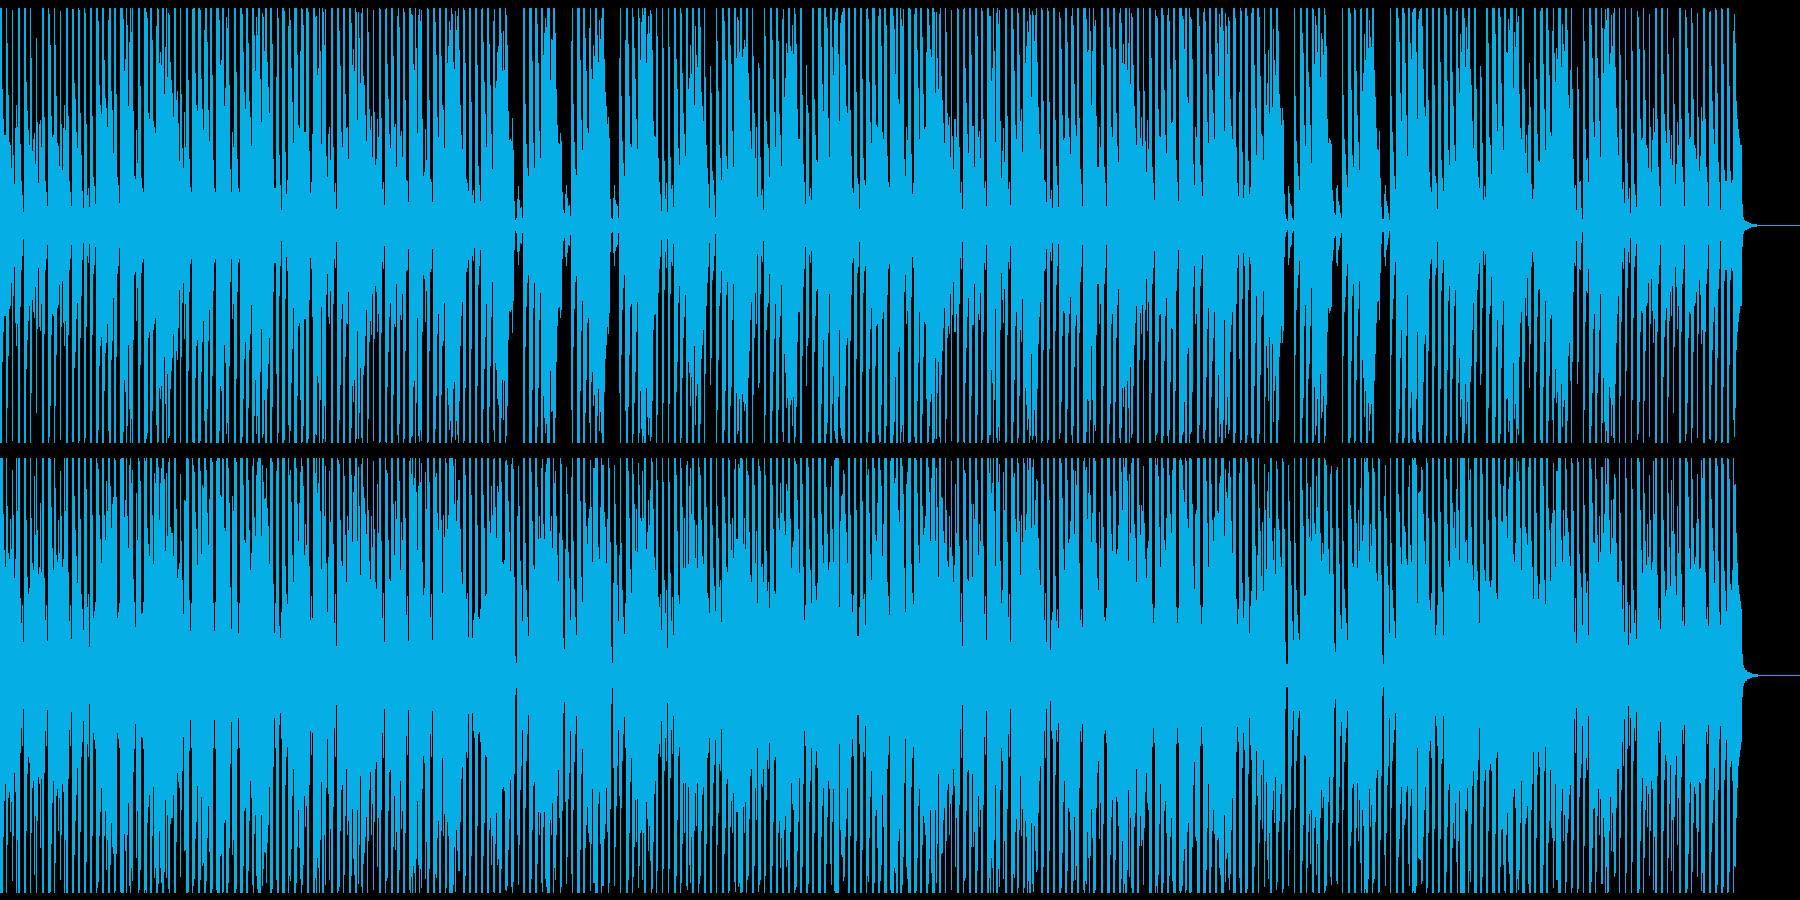 ウクレレと口笛のコミカルで楽しいBGMの再生済みの波形